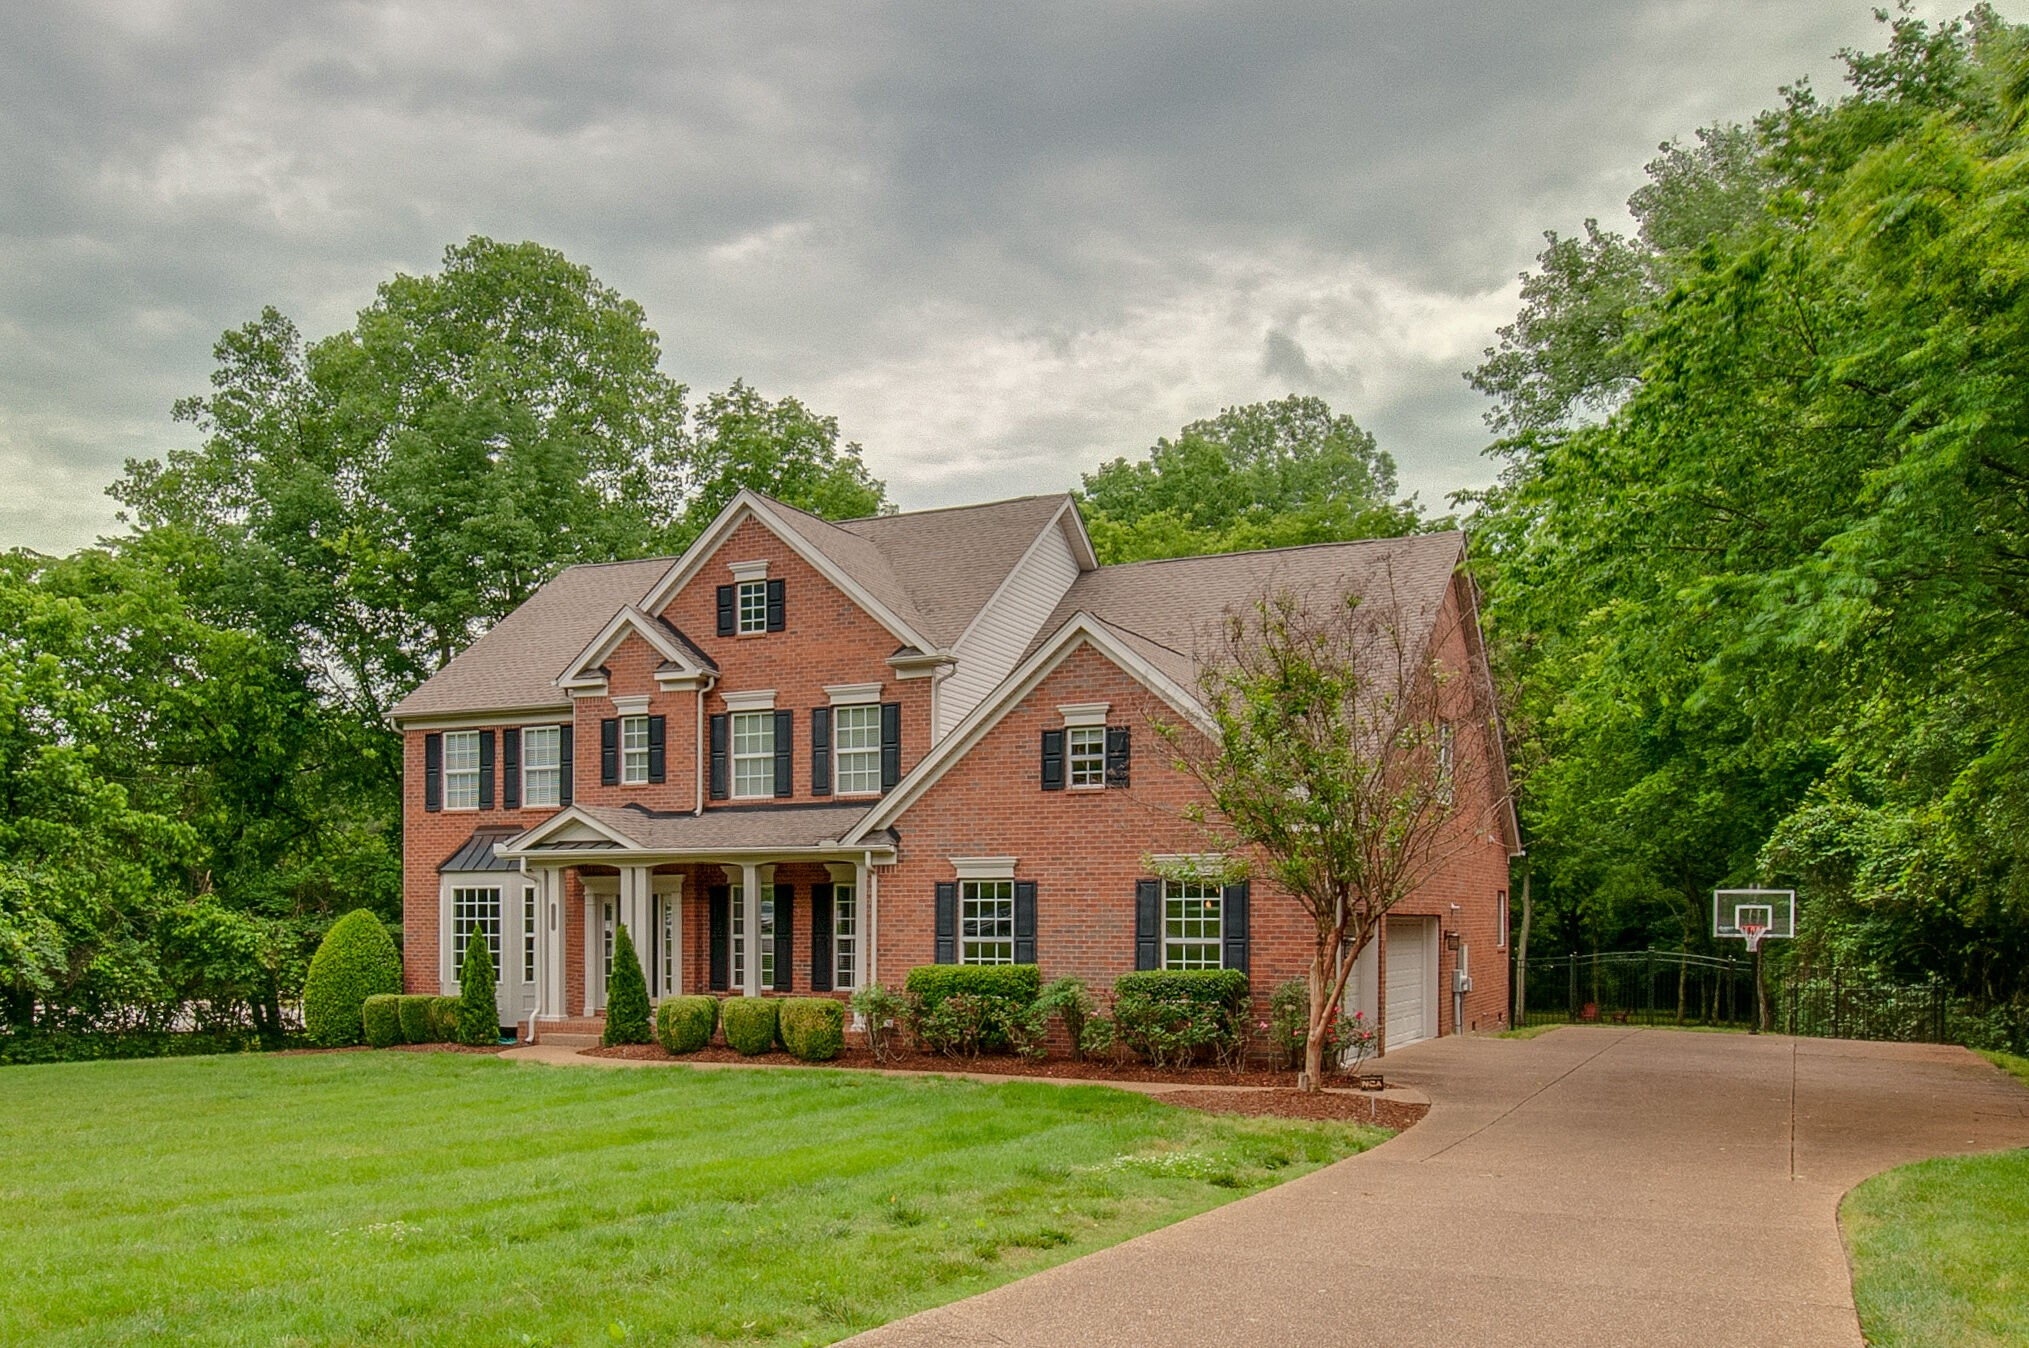 5333 Forest Acres Dr, Nashville, TN 37220 - Nashville, TN real estate listing